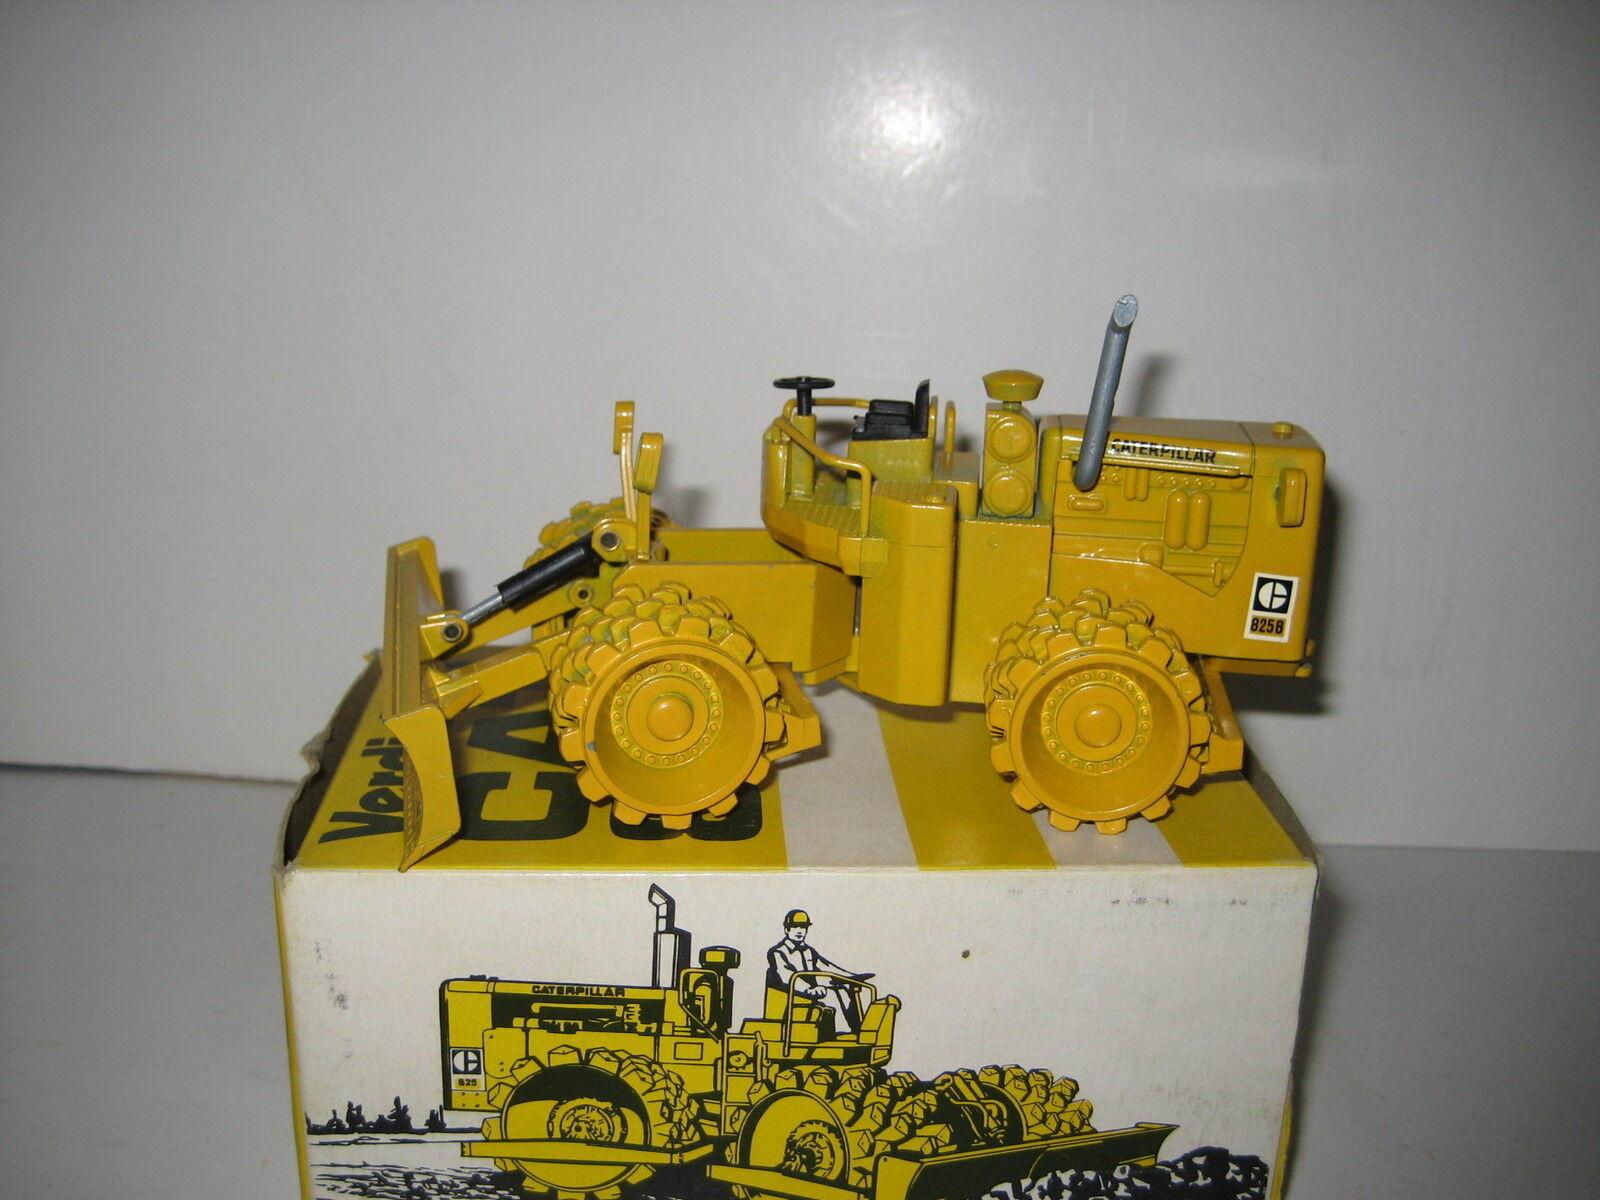 costo real Caterpillar 825 B compactor compactor compactor  135 NZG 1 50 OVP  encuentra tu favorito aquí